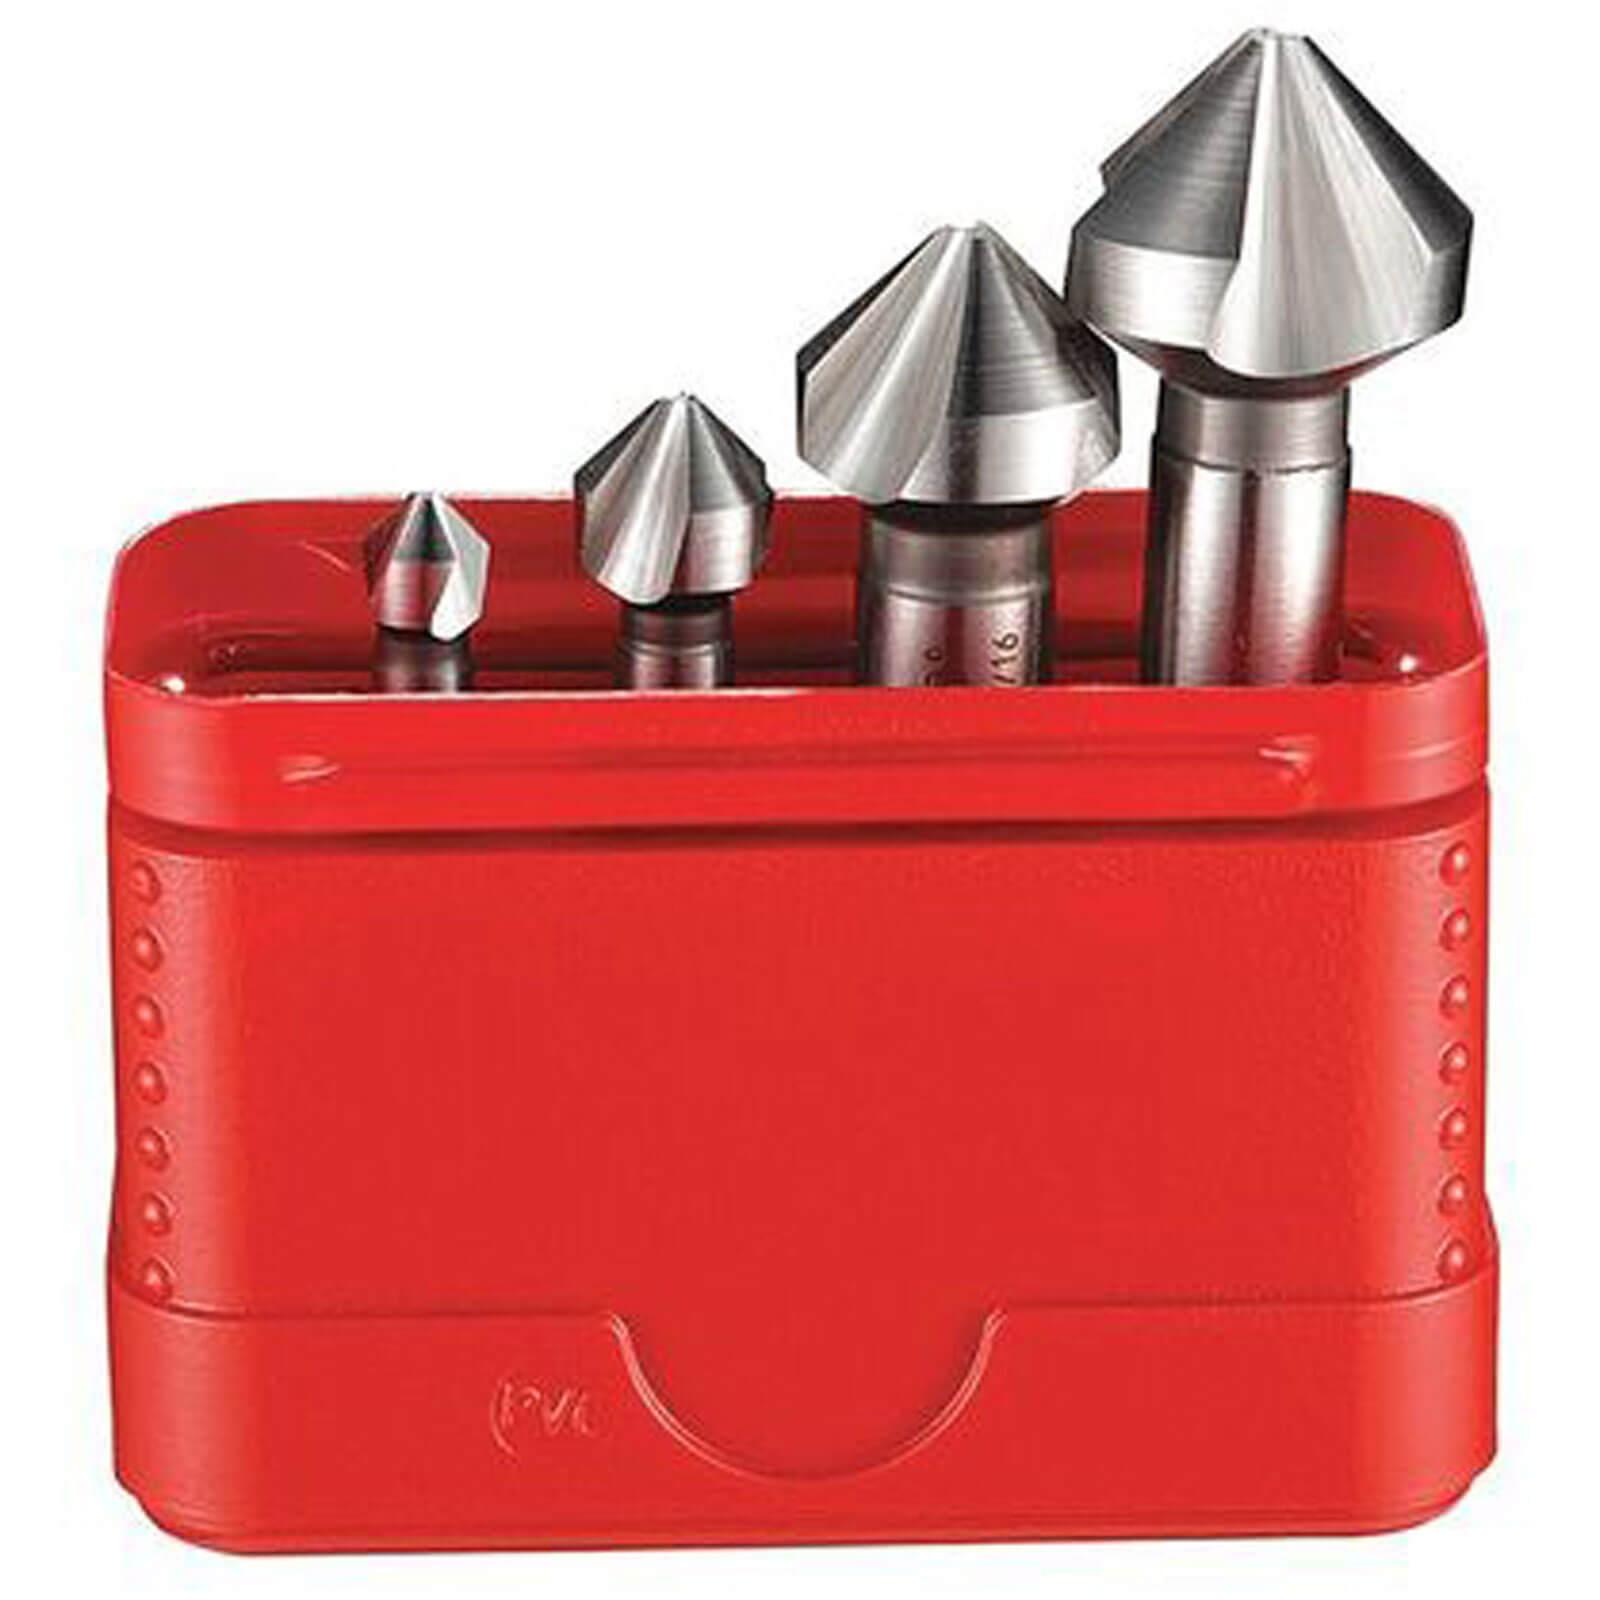 Dormer G2362 4 Piece HSS Straight Shank 90° Countersink Set